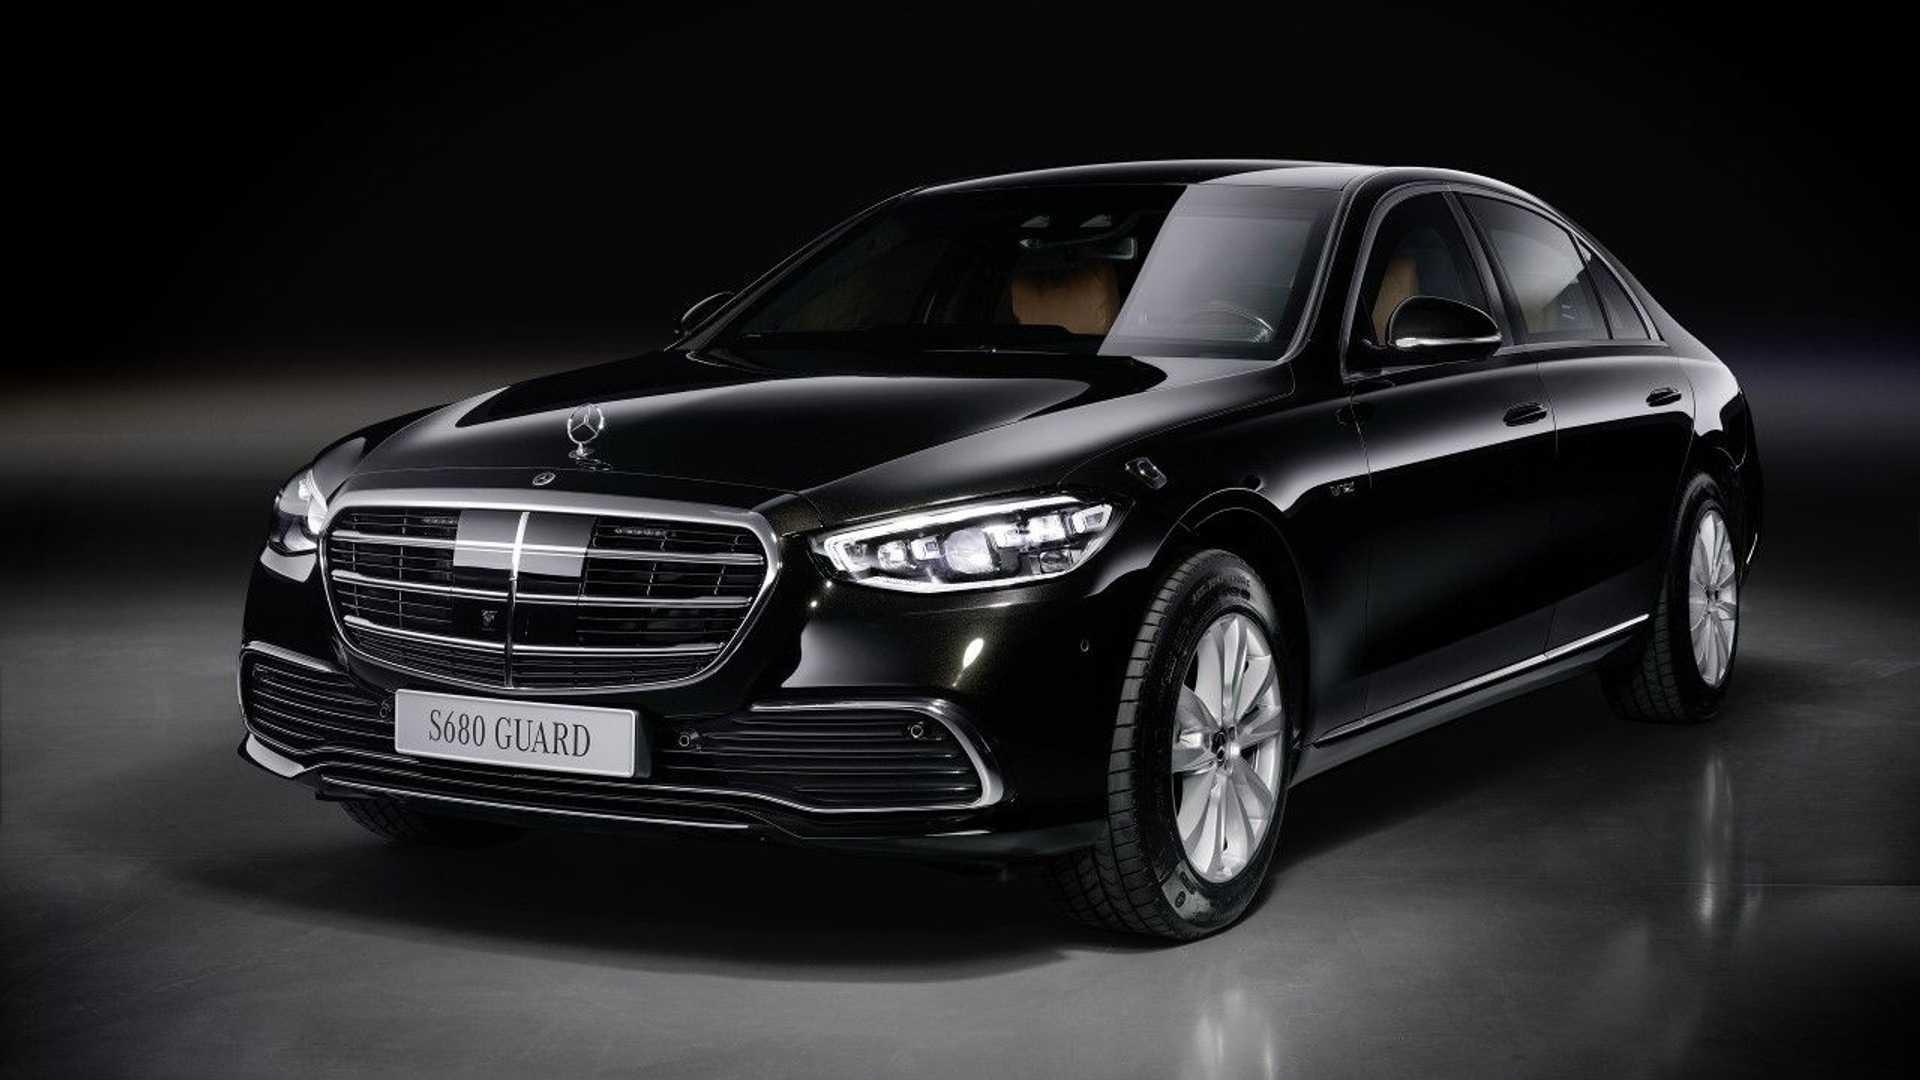 全新奔驰S级防弹版发布 6.0T动力 售价超380万